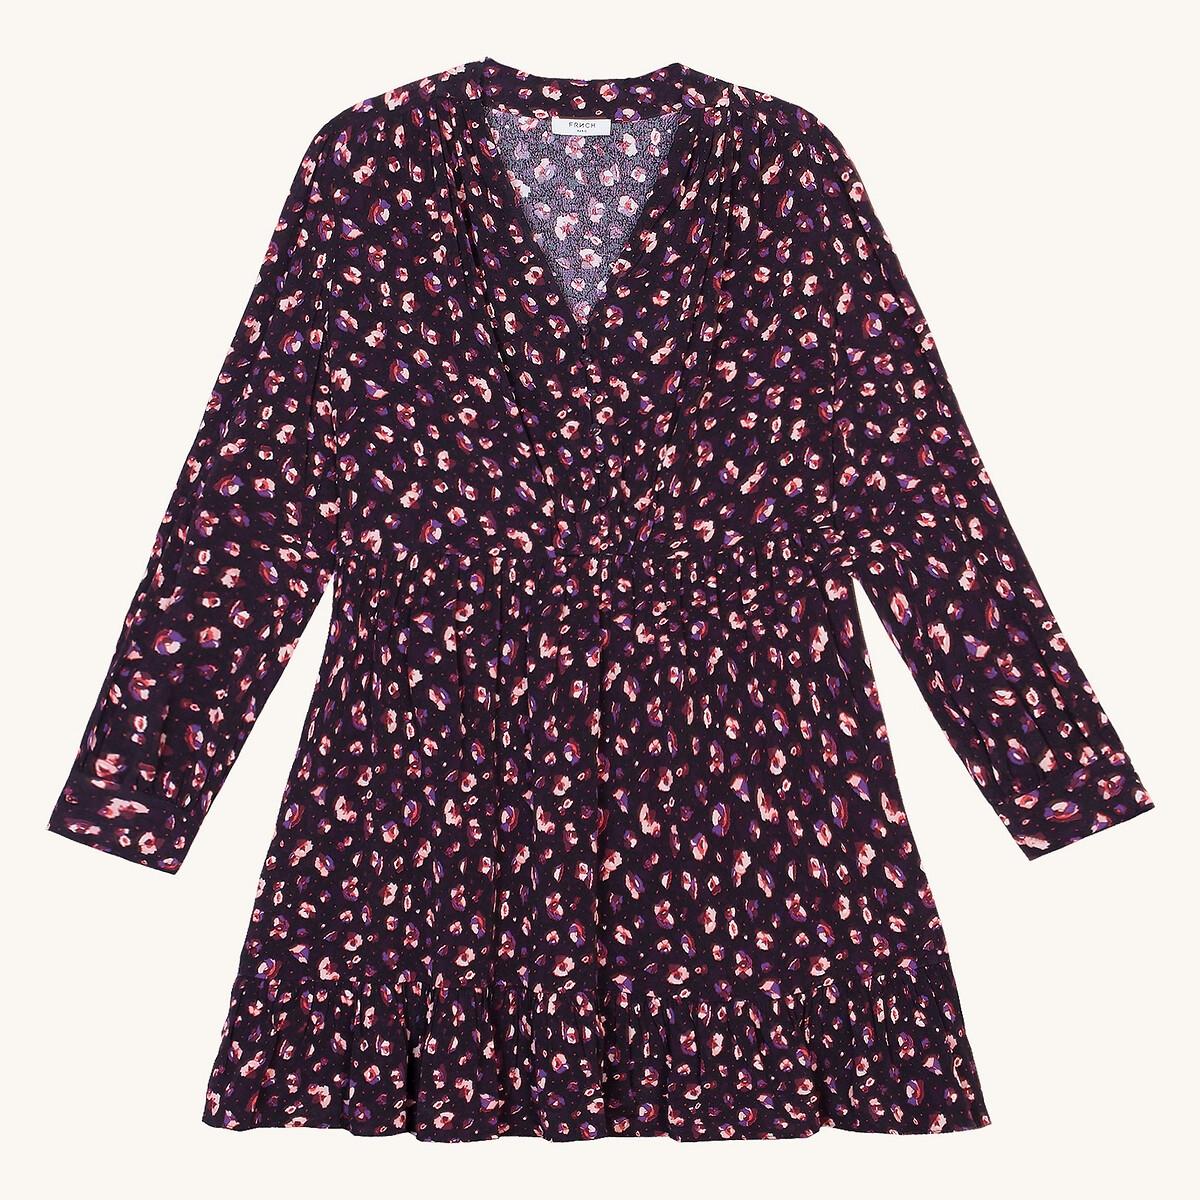 Платье La Redoute Короткое с рисунком и длинными рукавами L розовый платье la redoute короткое расклешенное с длинными рукавами l синий